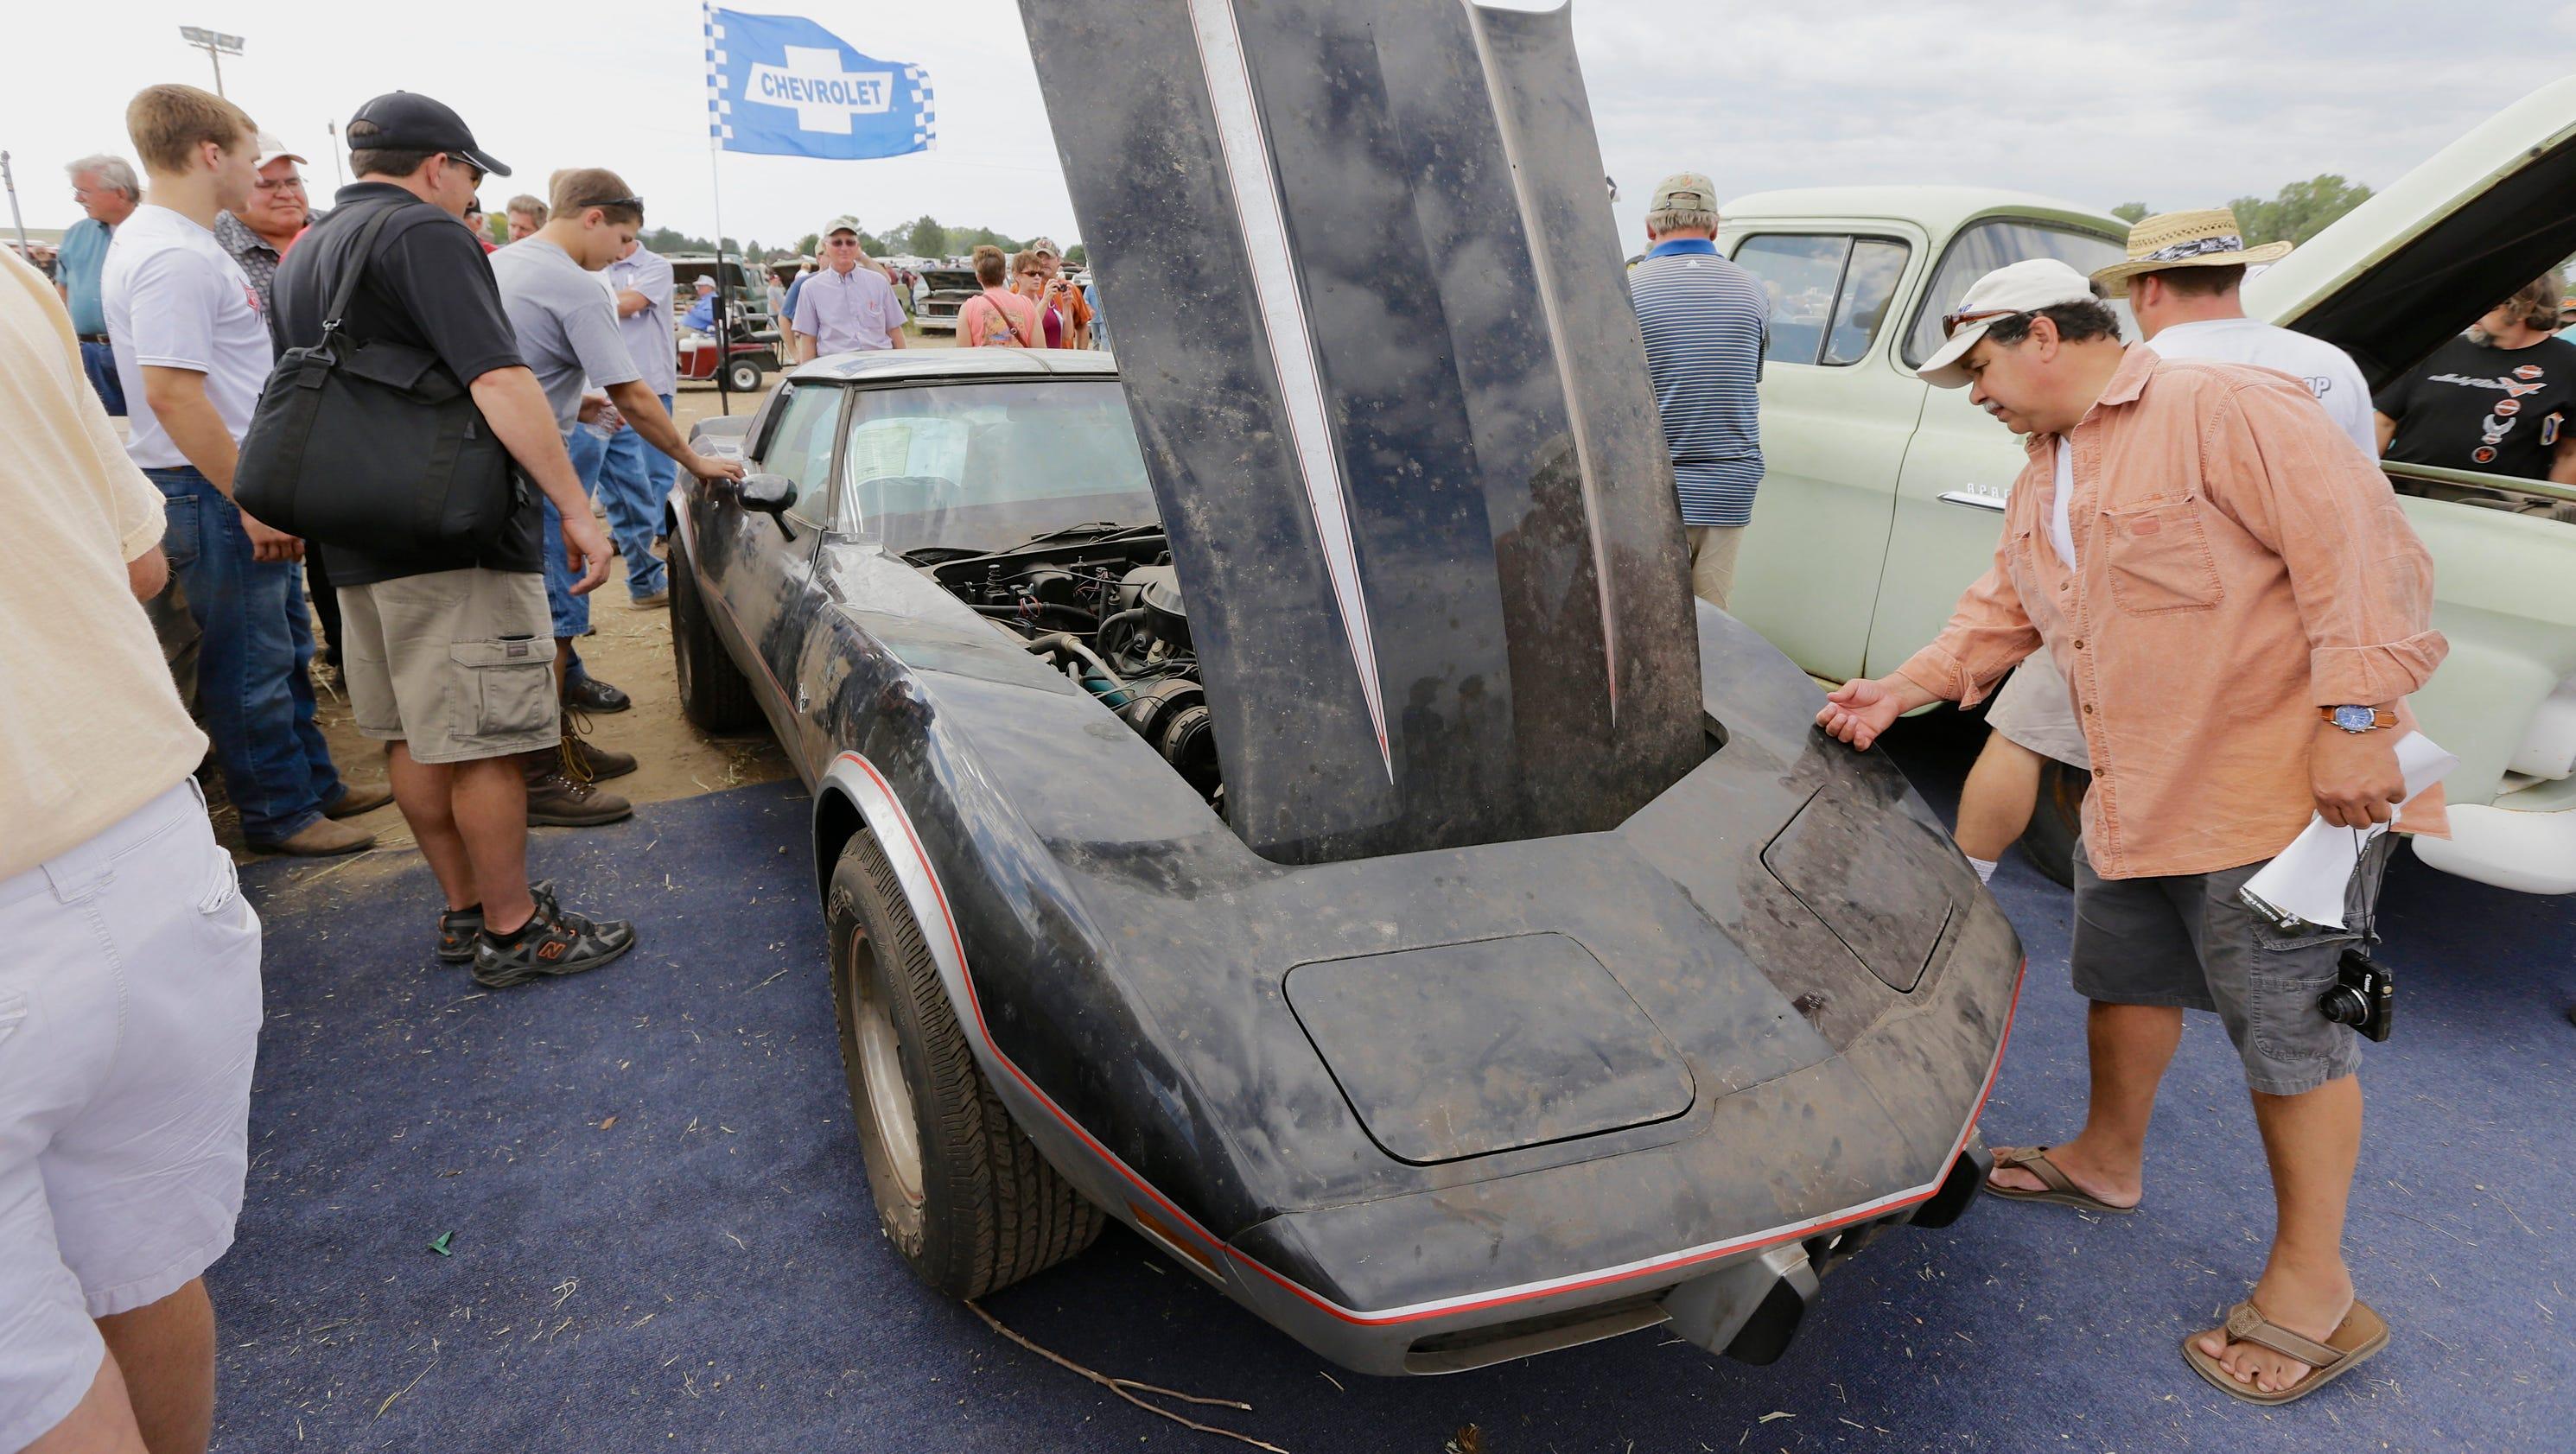 Dealer 39 s trove of vintage chevrolets auctioned for Carport auto auction